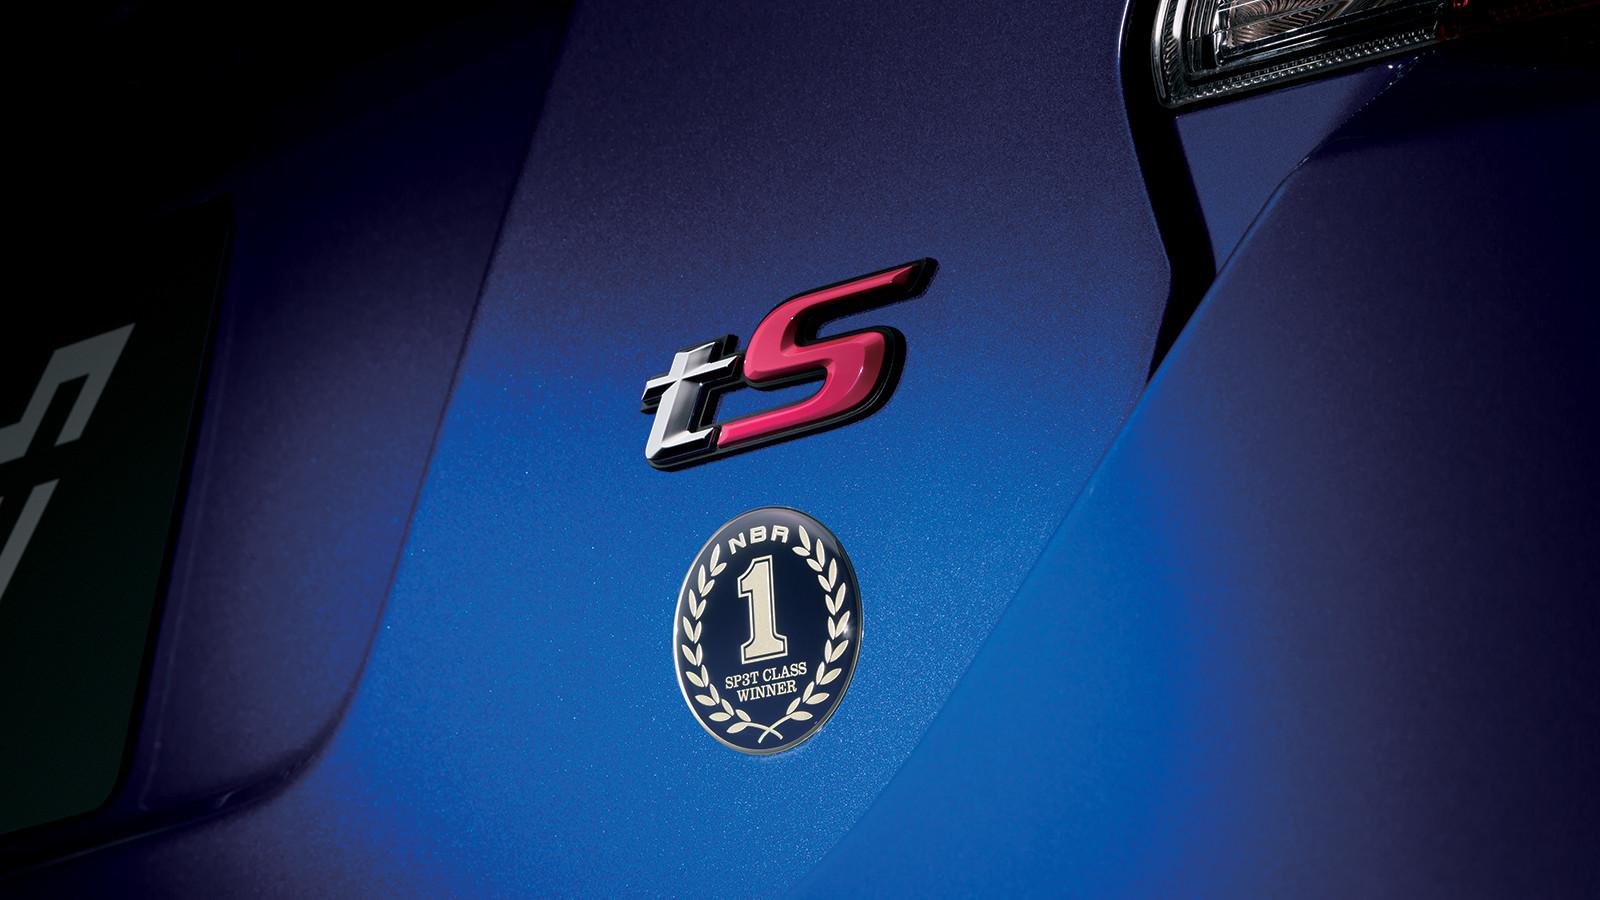 Субару начала прием заказов налимитированную модификацию седана WRX S4